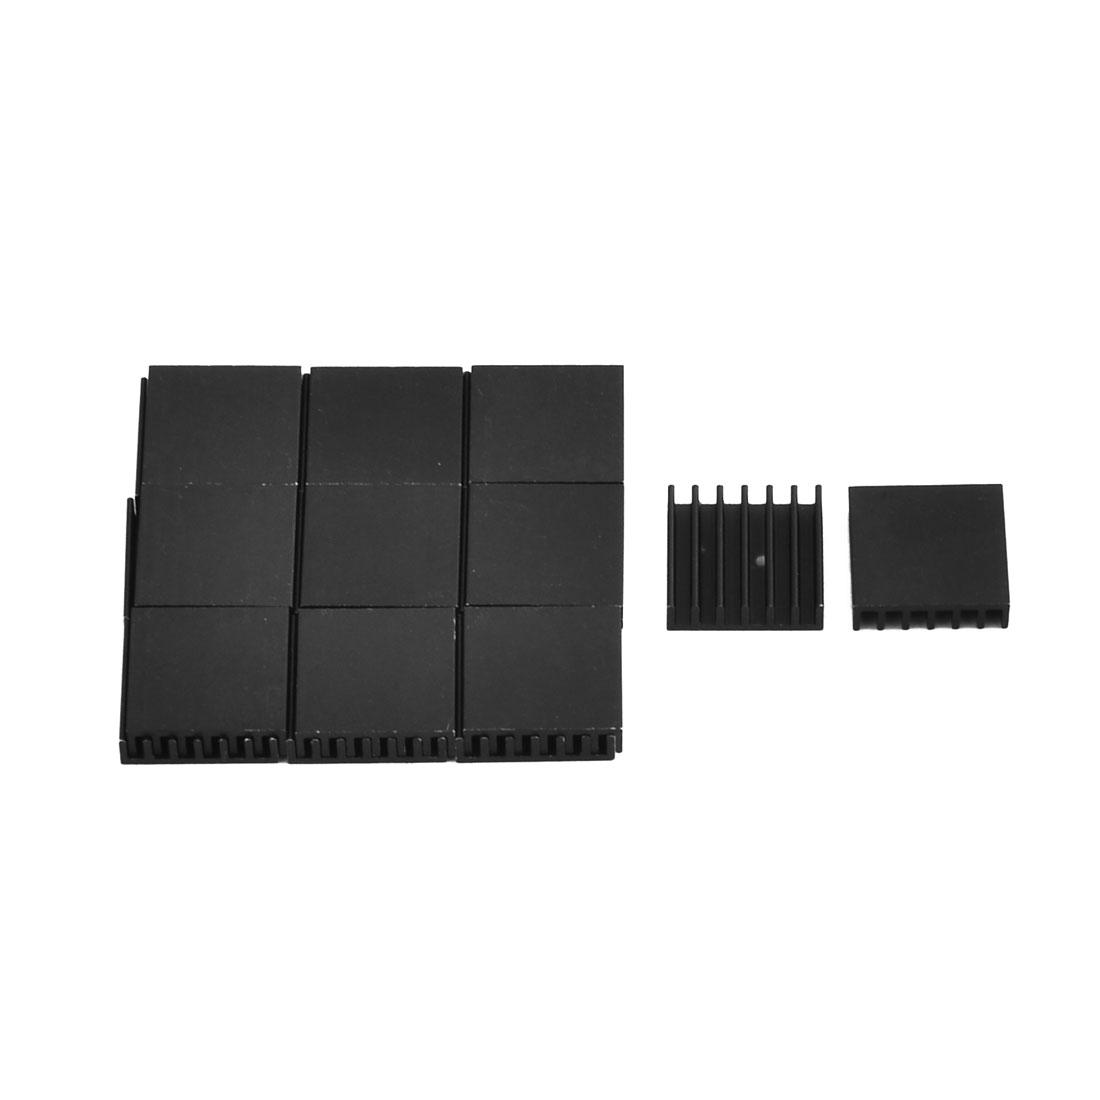 Aluminium Heat Diffuse Cooling Fin Heatsink Black 14.6mm x 14mm x 4mm 20 Pcs